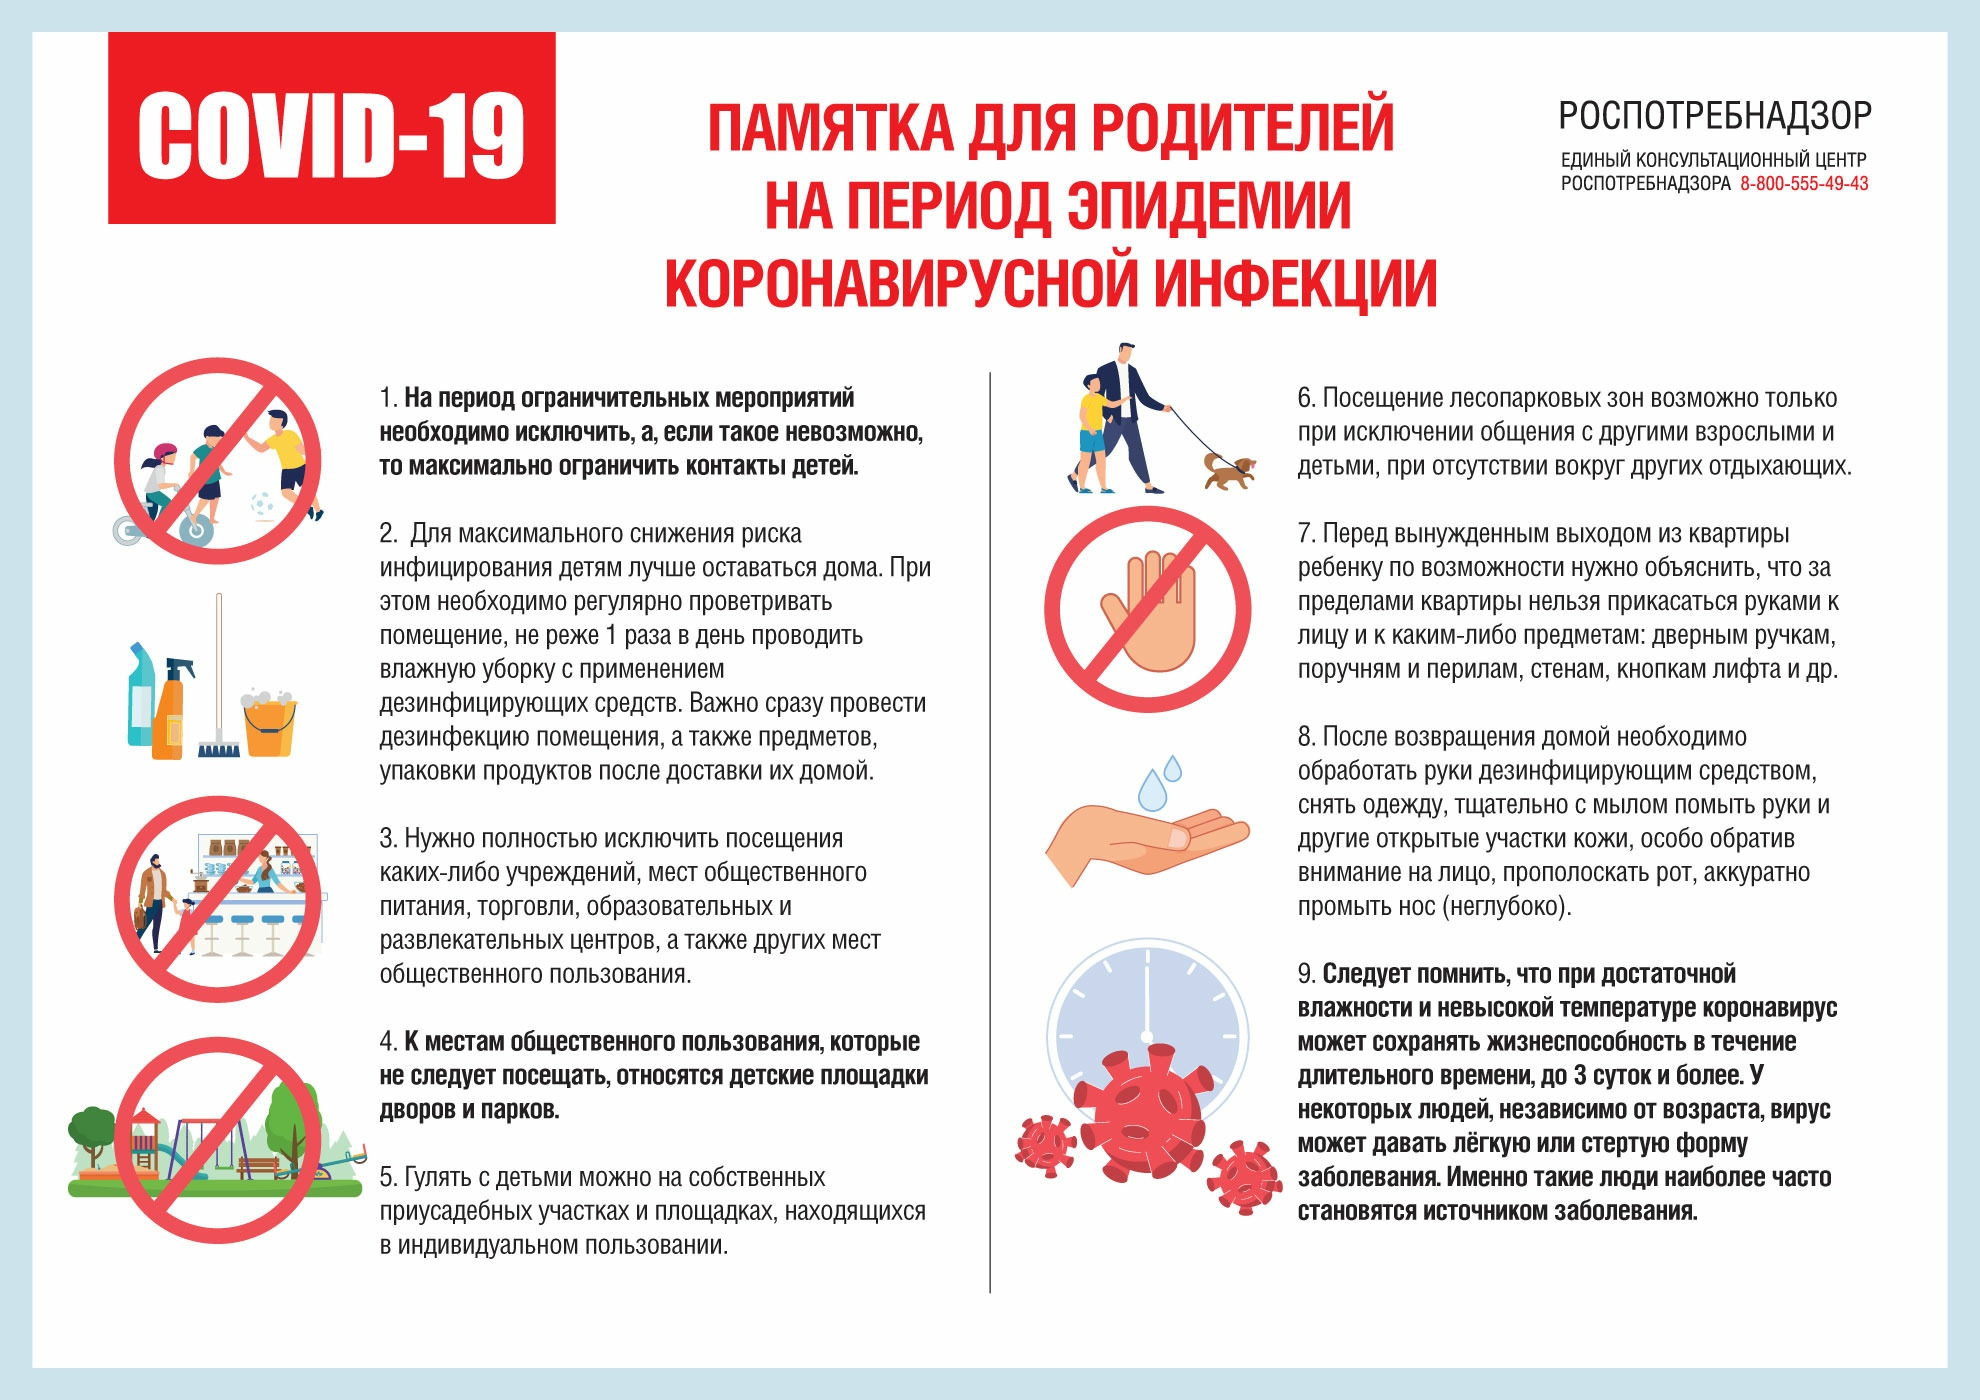 О чём предупреждает Роспотребнадзор: подборка главных памяток по борьбе с коронавирусом